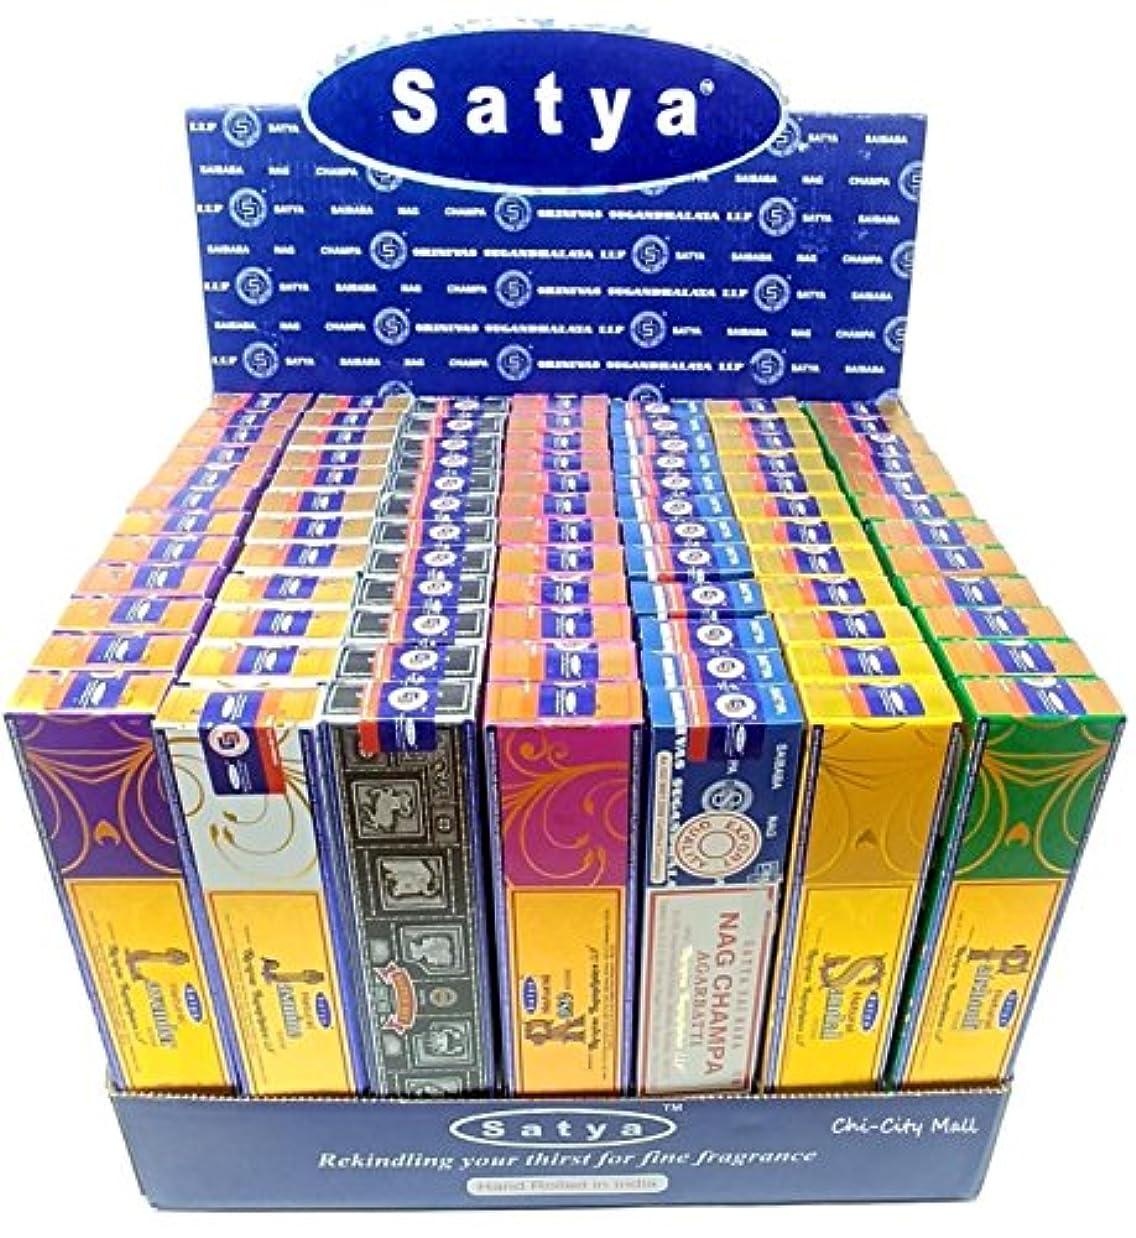 森期待して復活するchi-city Mall (7-pack/105g) – Satya Nag Champa Incense Sticks |詰め合わせギフトセットシリーズ| hand-rolled Agarbatti | Sai Baba...